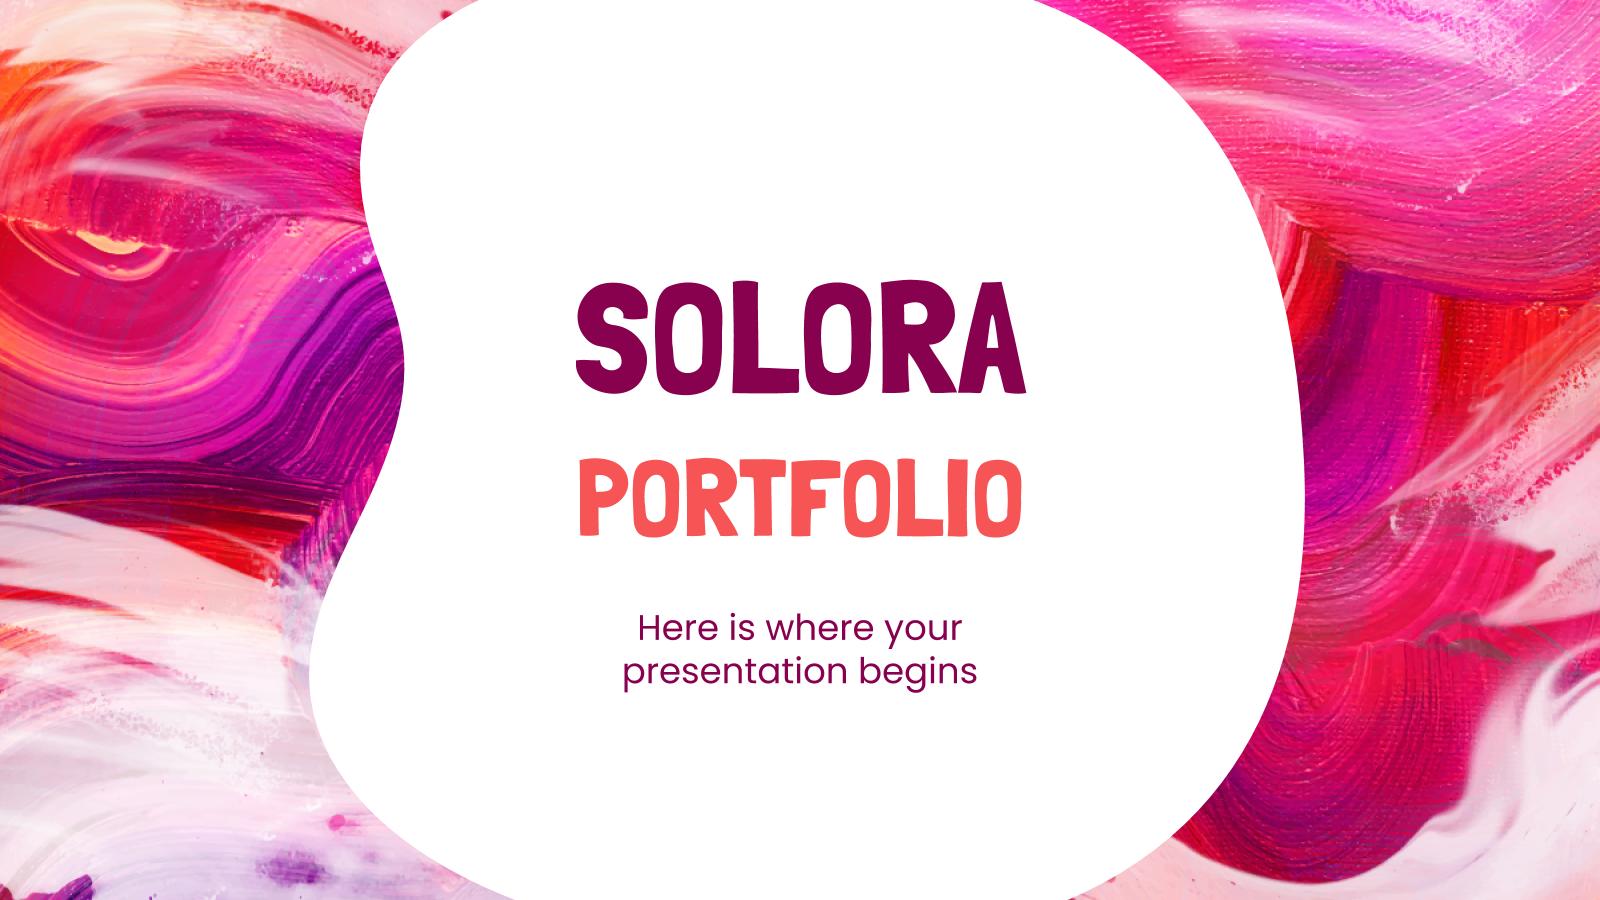 Modelo de apresentação Portfólio Solora